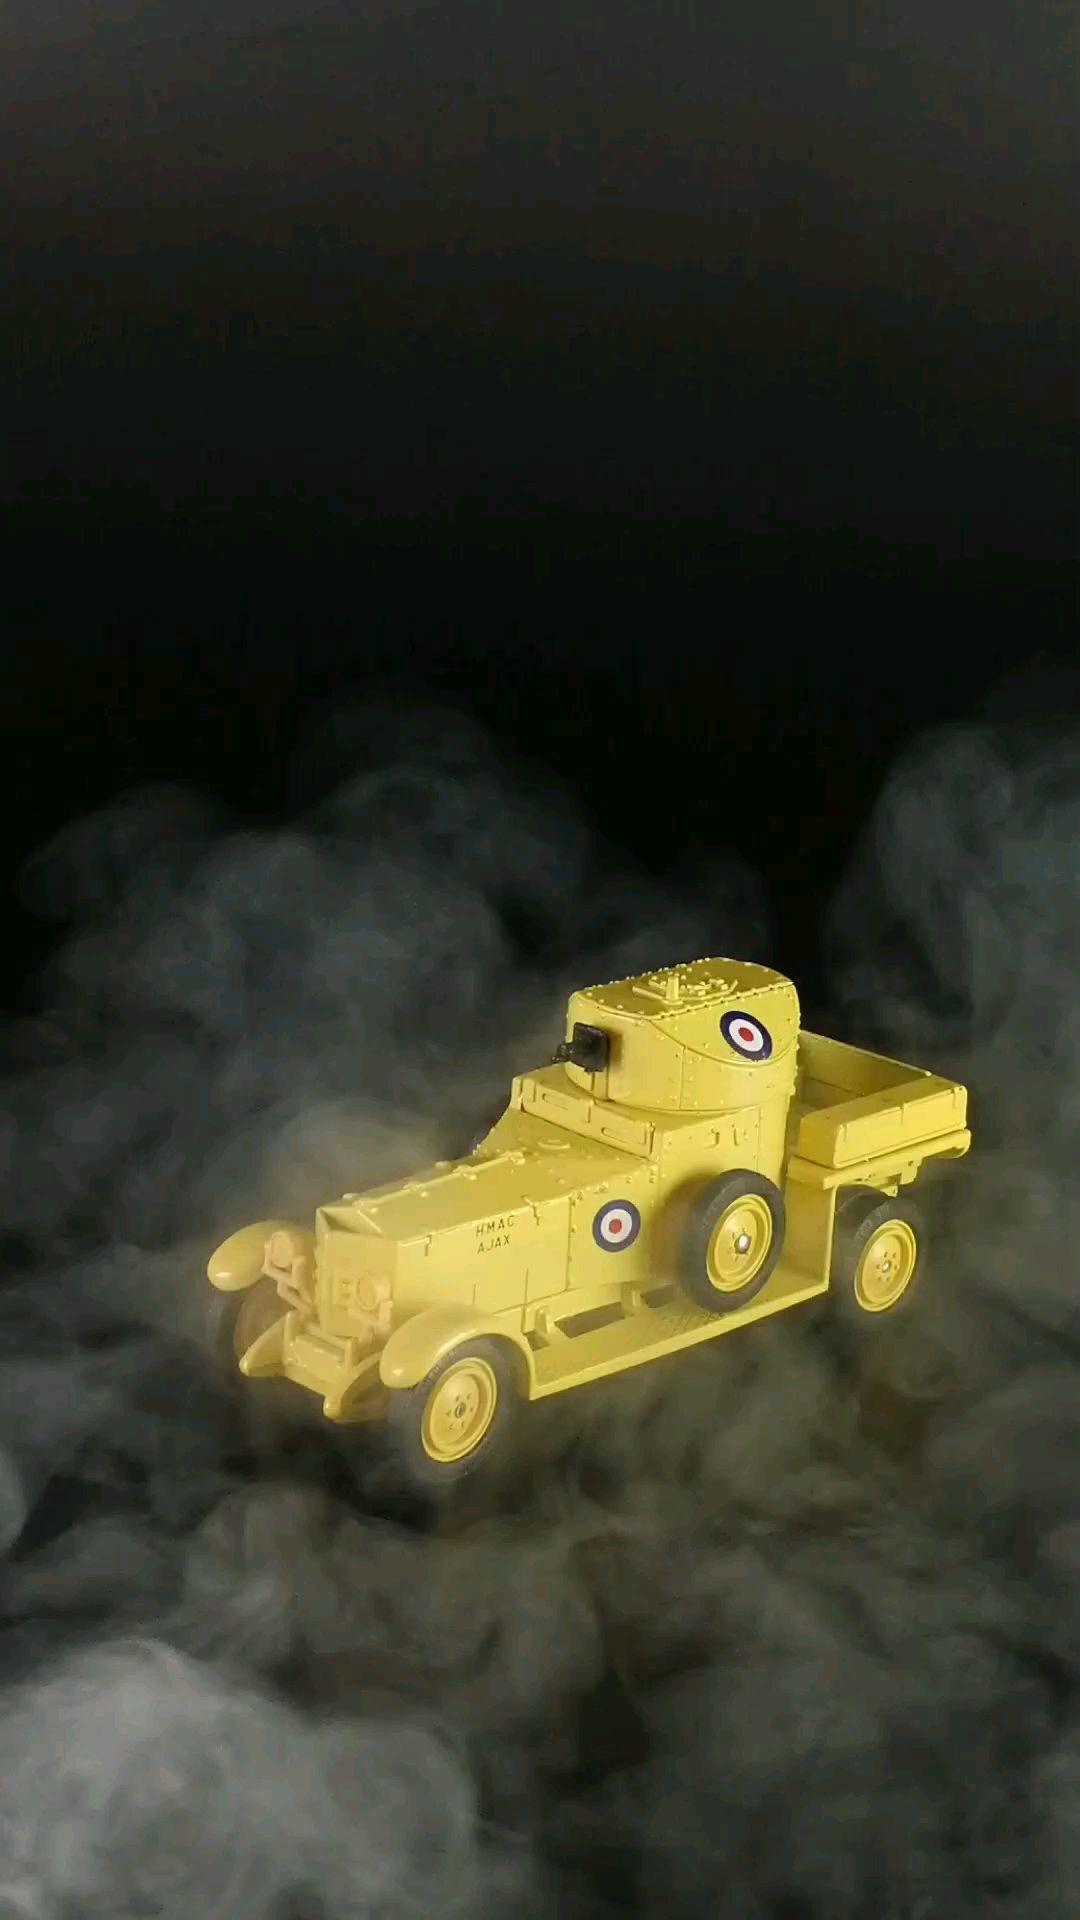 1920劳斯莱斯银灵装甲车,在阿拉伯的劳伦斯电影中有两辆这样的装甲车出场1:43东晓汽车模型收藏馆。